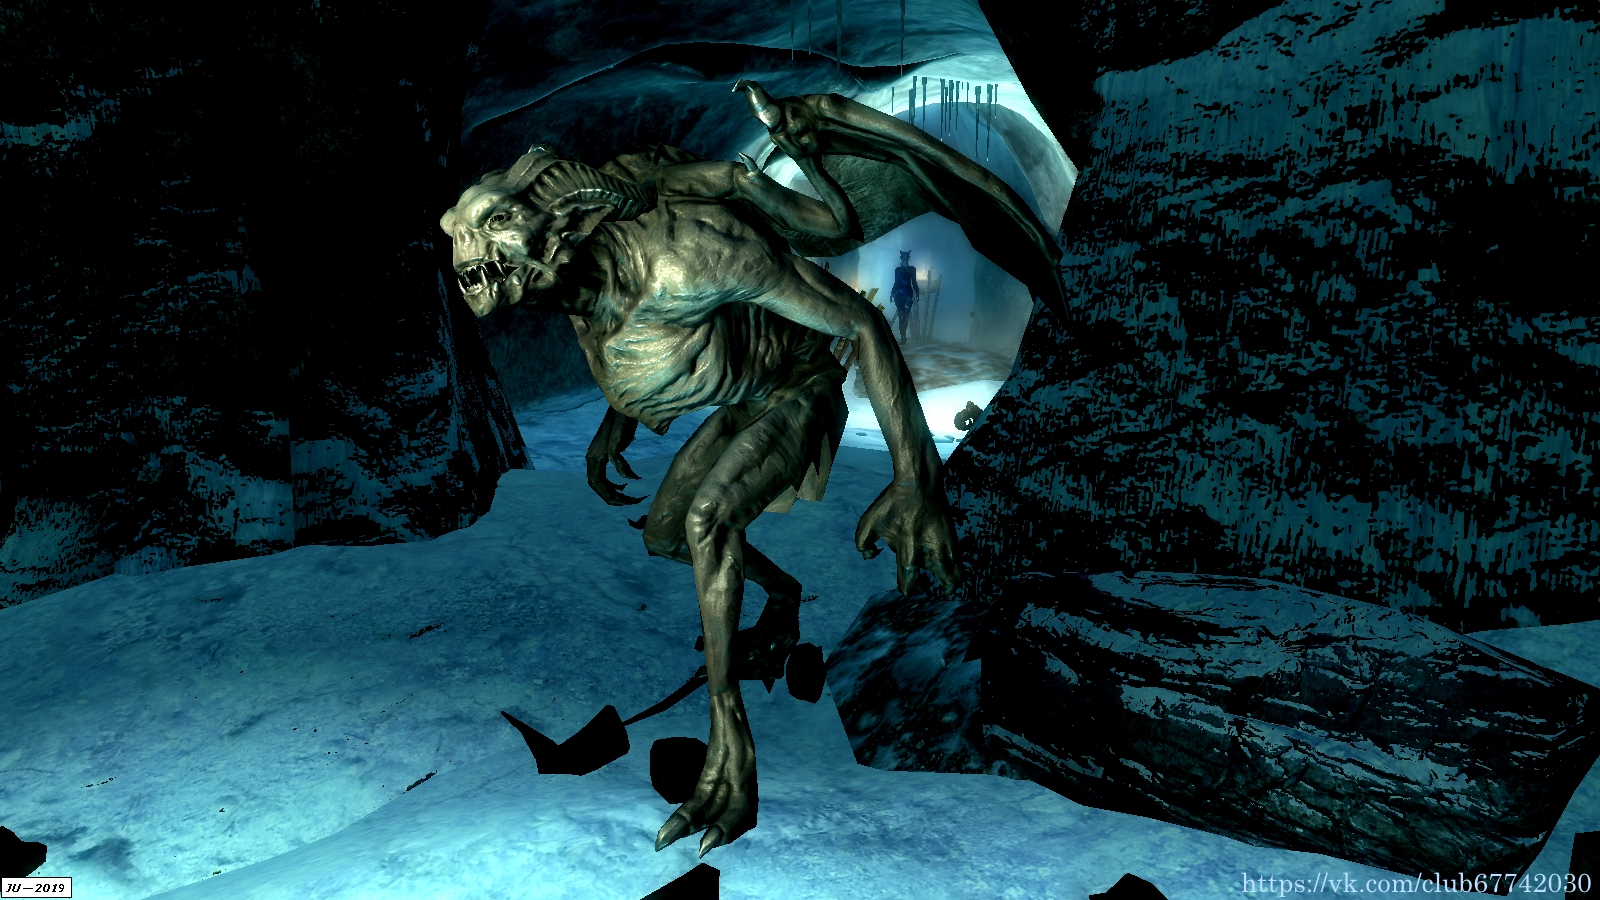 Гаргулья-страж. - Elder Scrolls 5: Skyrim, the Гаргулья, Кровавый трон